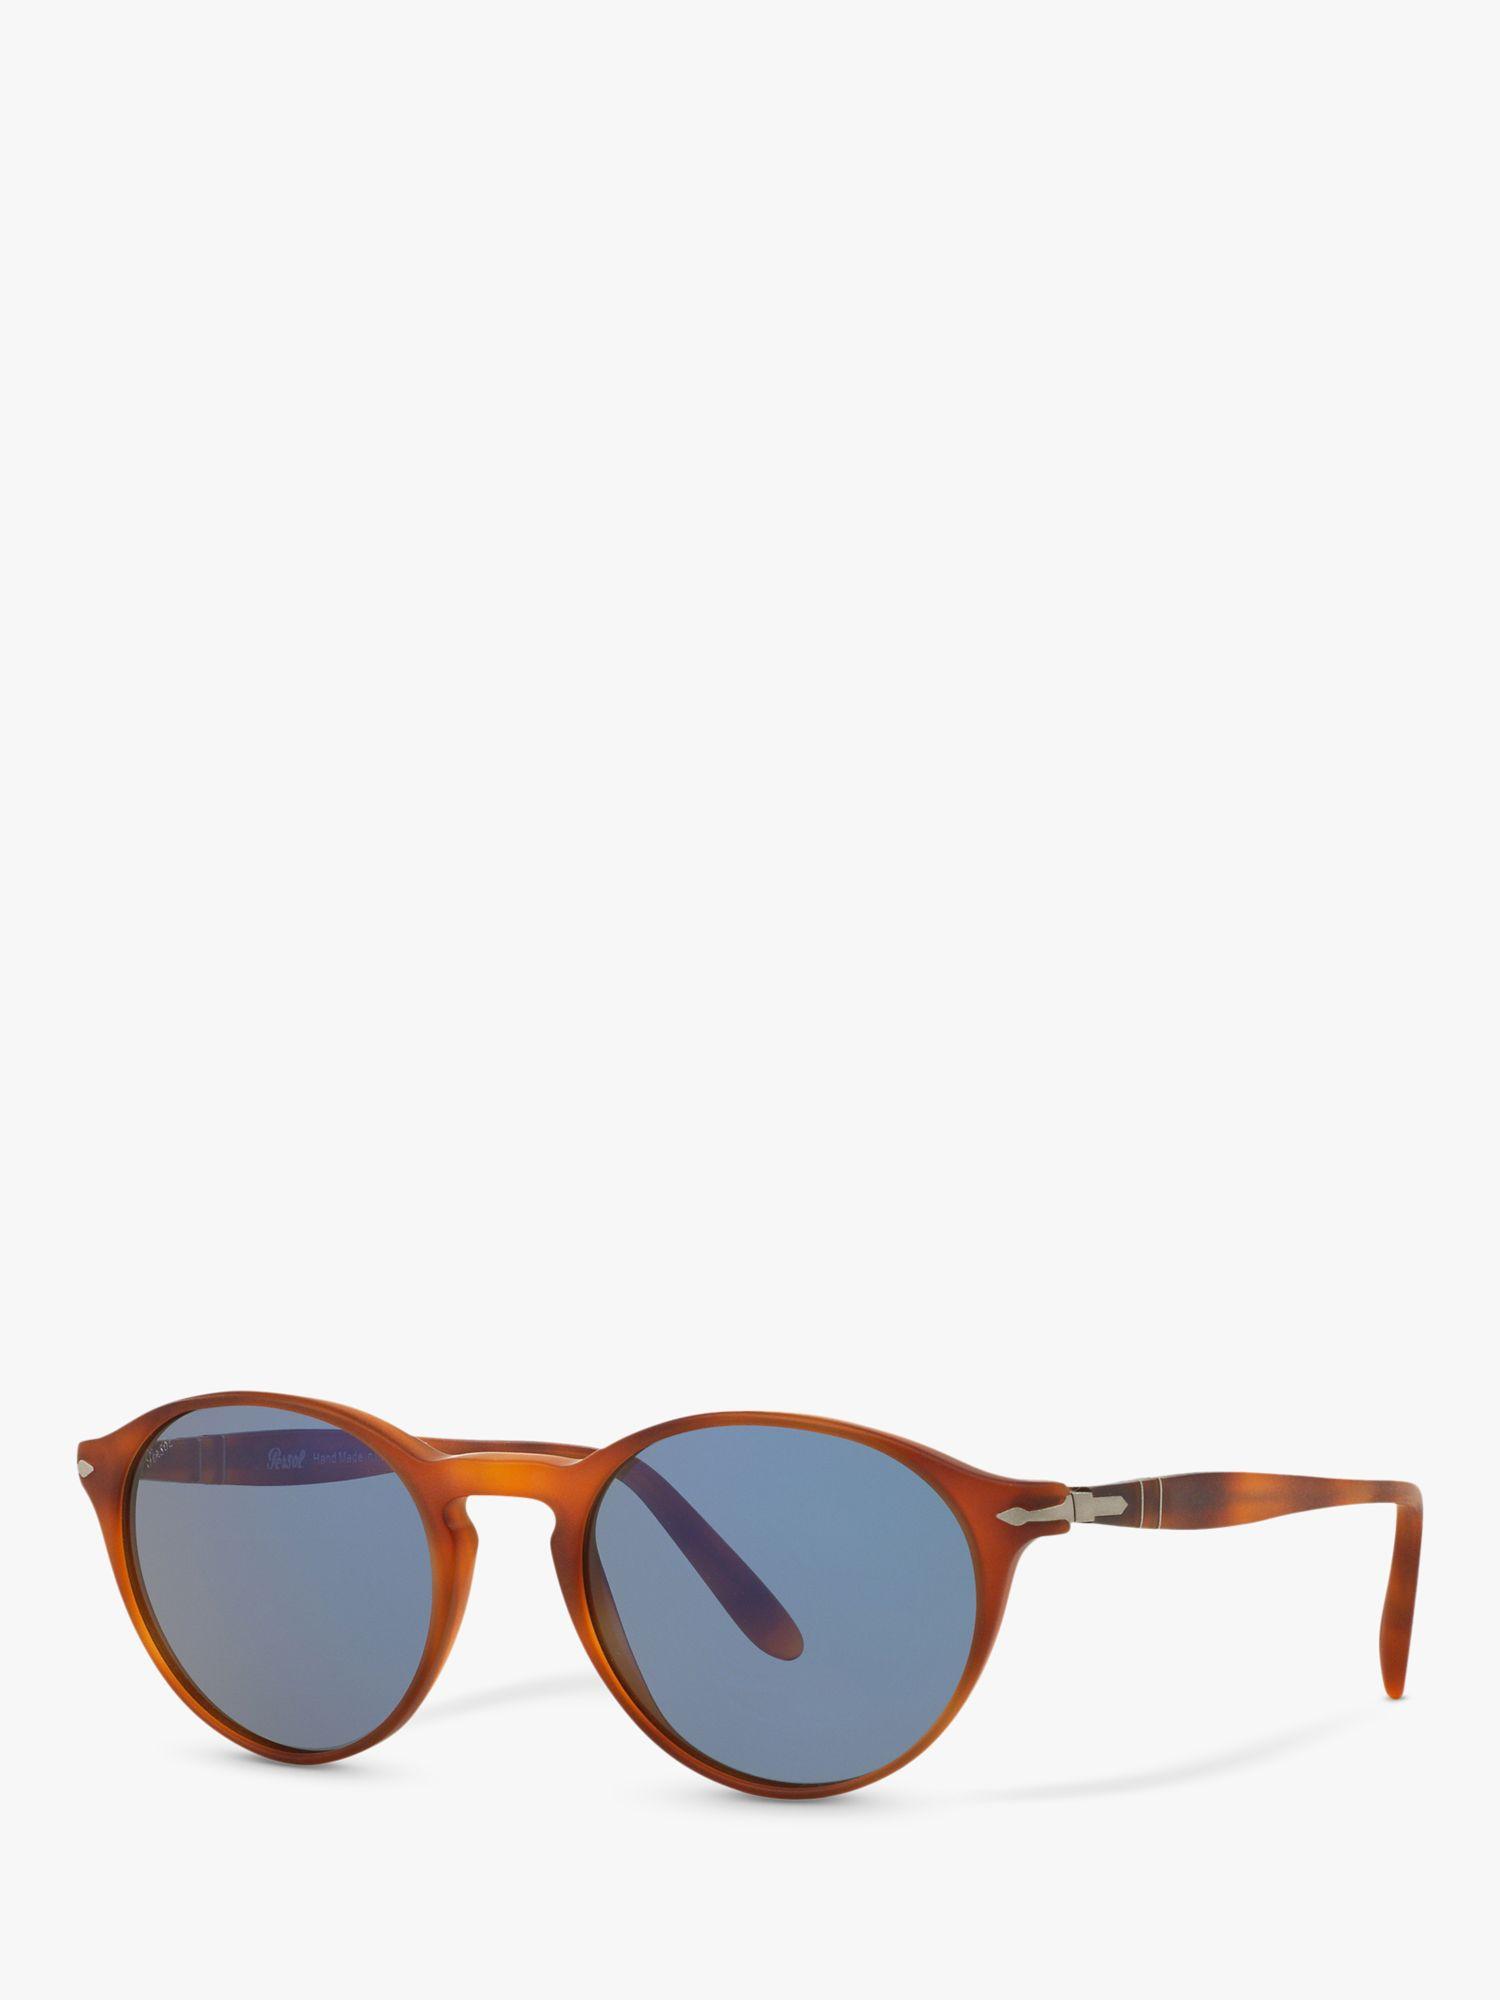 Persol Persol PO3092SM Round Sunglasses, Terra Di Siena